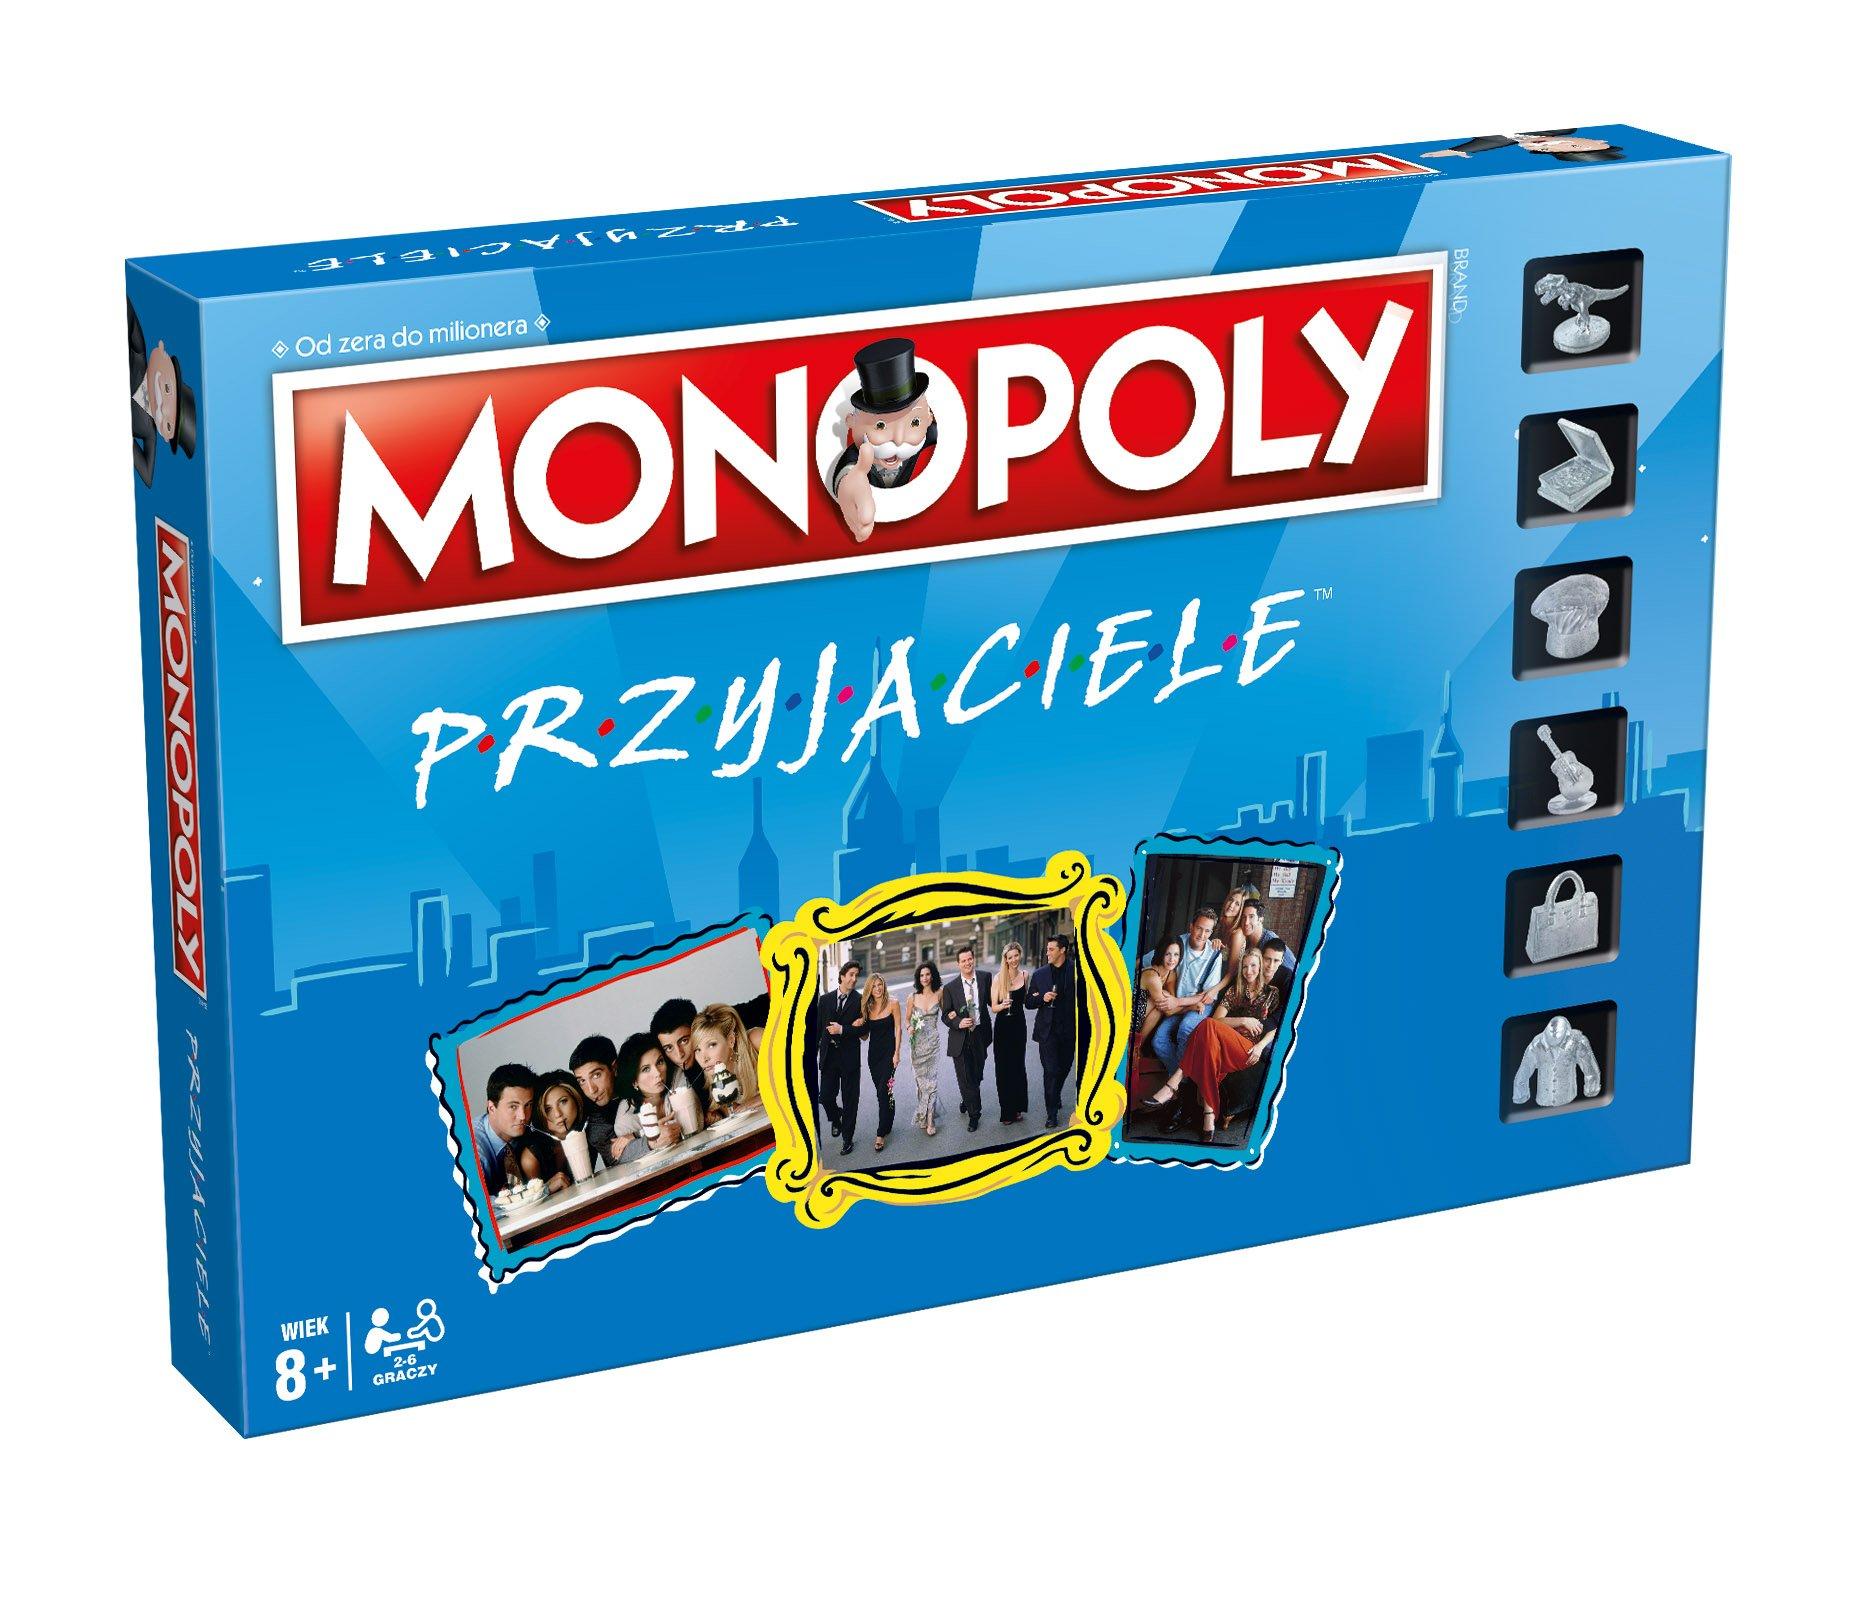 Monopoly - Przyjaciele